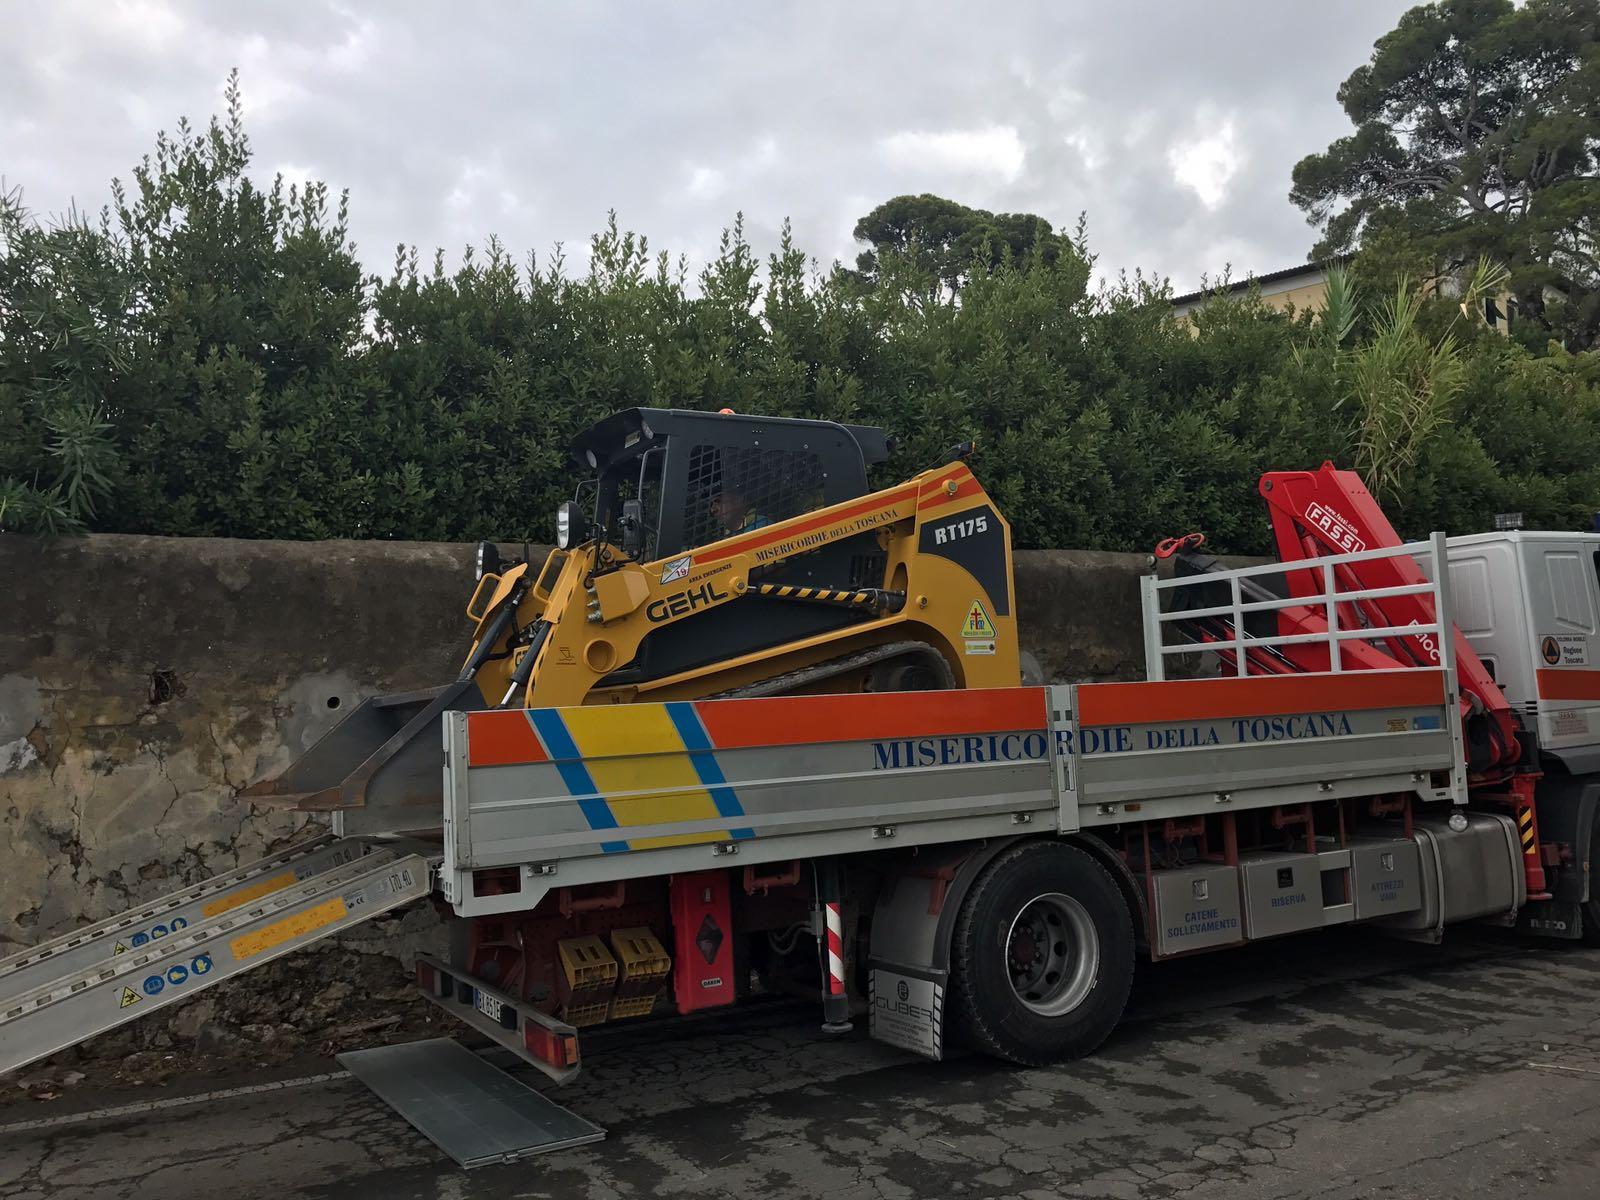 Tragedia di Livorno, la situazione operativa dell'emergenza e le foto dallo scenario di Montenero | Emergency Live 3